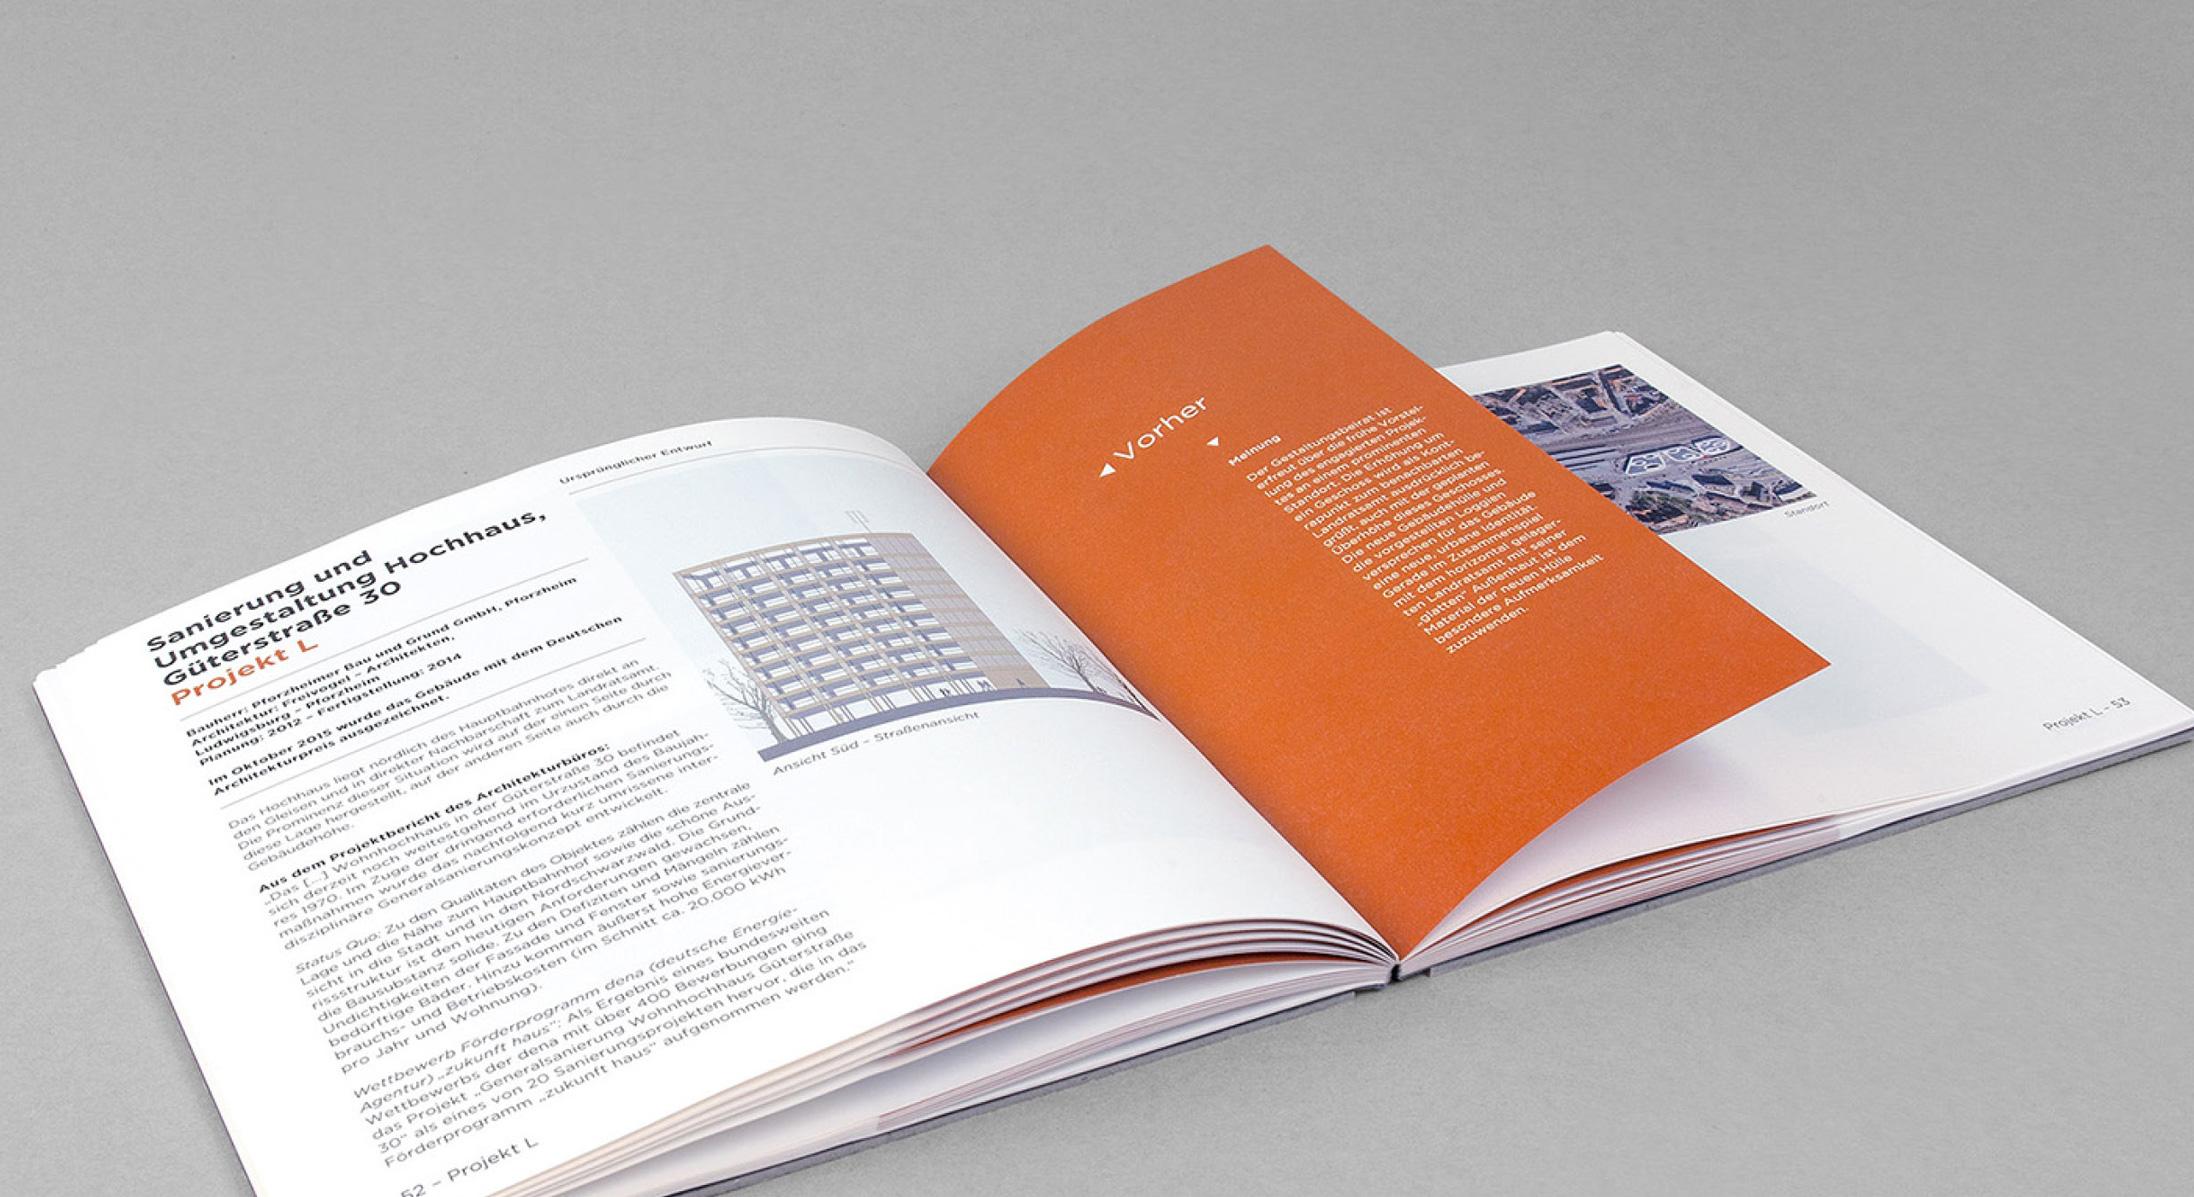 2DMBO-Studio-für-Gestaltung-gestaltungsbeirat-pforzheim